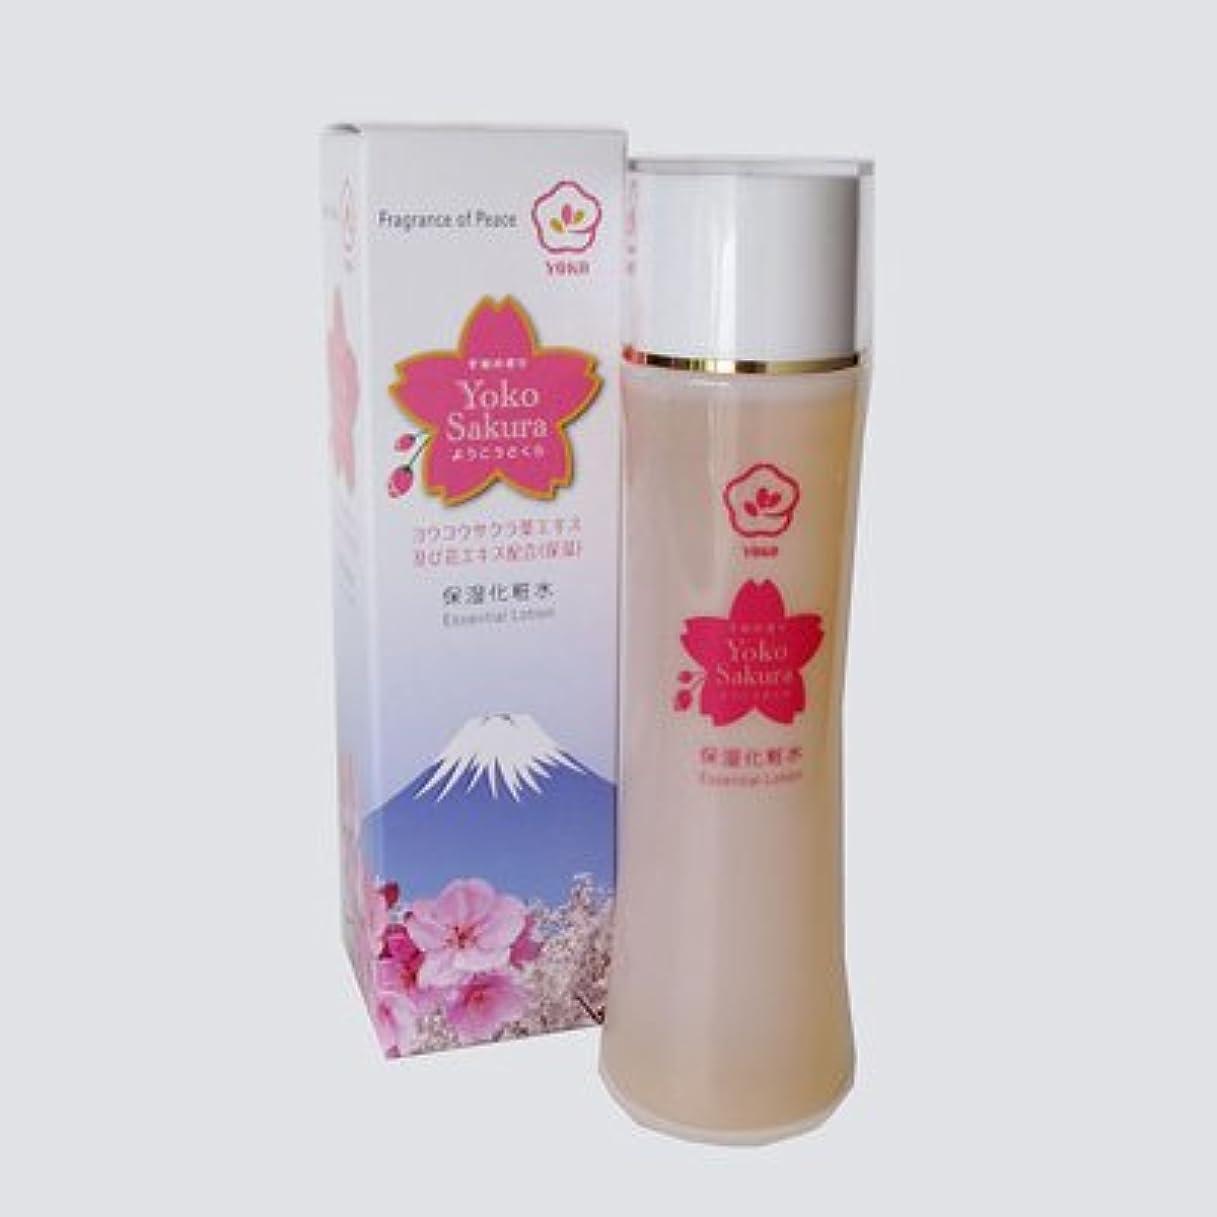 コンプリート普及体系的に陽光ローション(保湿化粧水) 陽光桜のエキス配合の保湿化粧水。敏感肌の方にもどうぞ